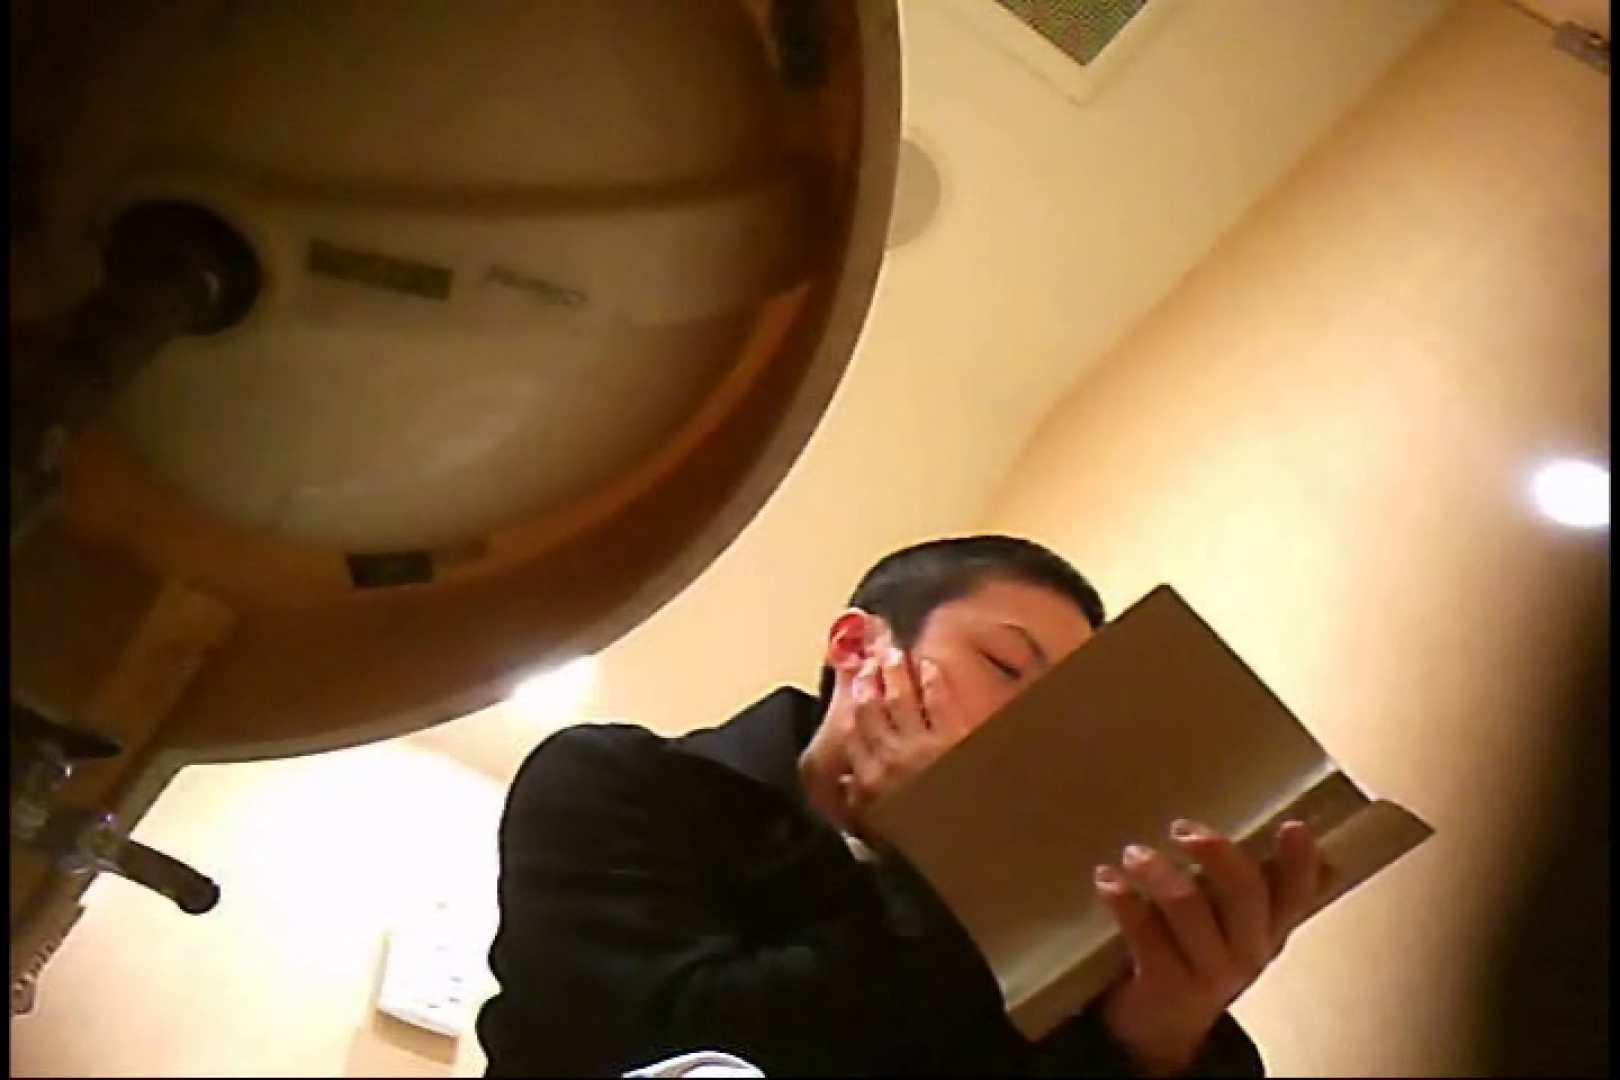 Gボーイ初投稿!掴み取りさんの洗面所覗き!in新幹線!VOL.03 ボーイズ私服   サル系ボーイズ  50pic 23